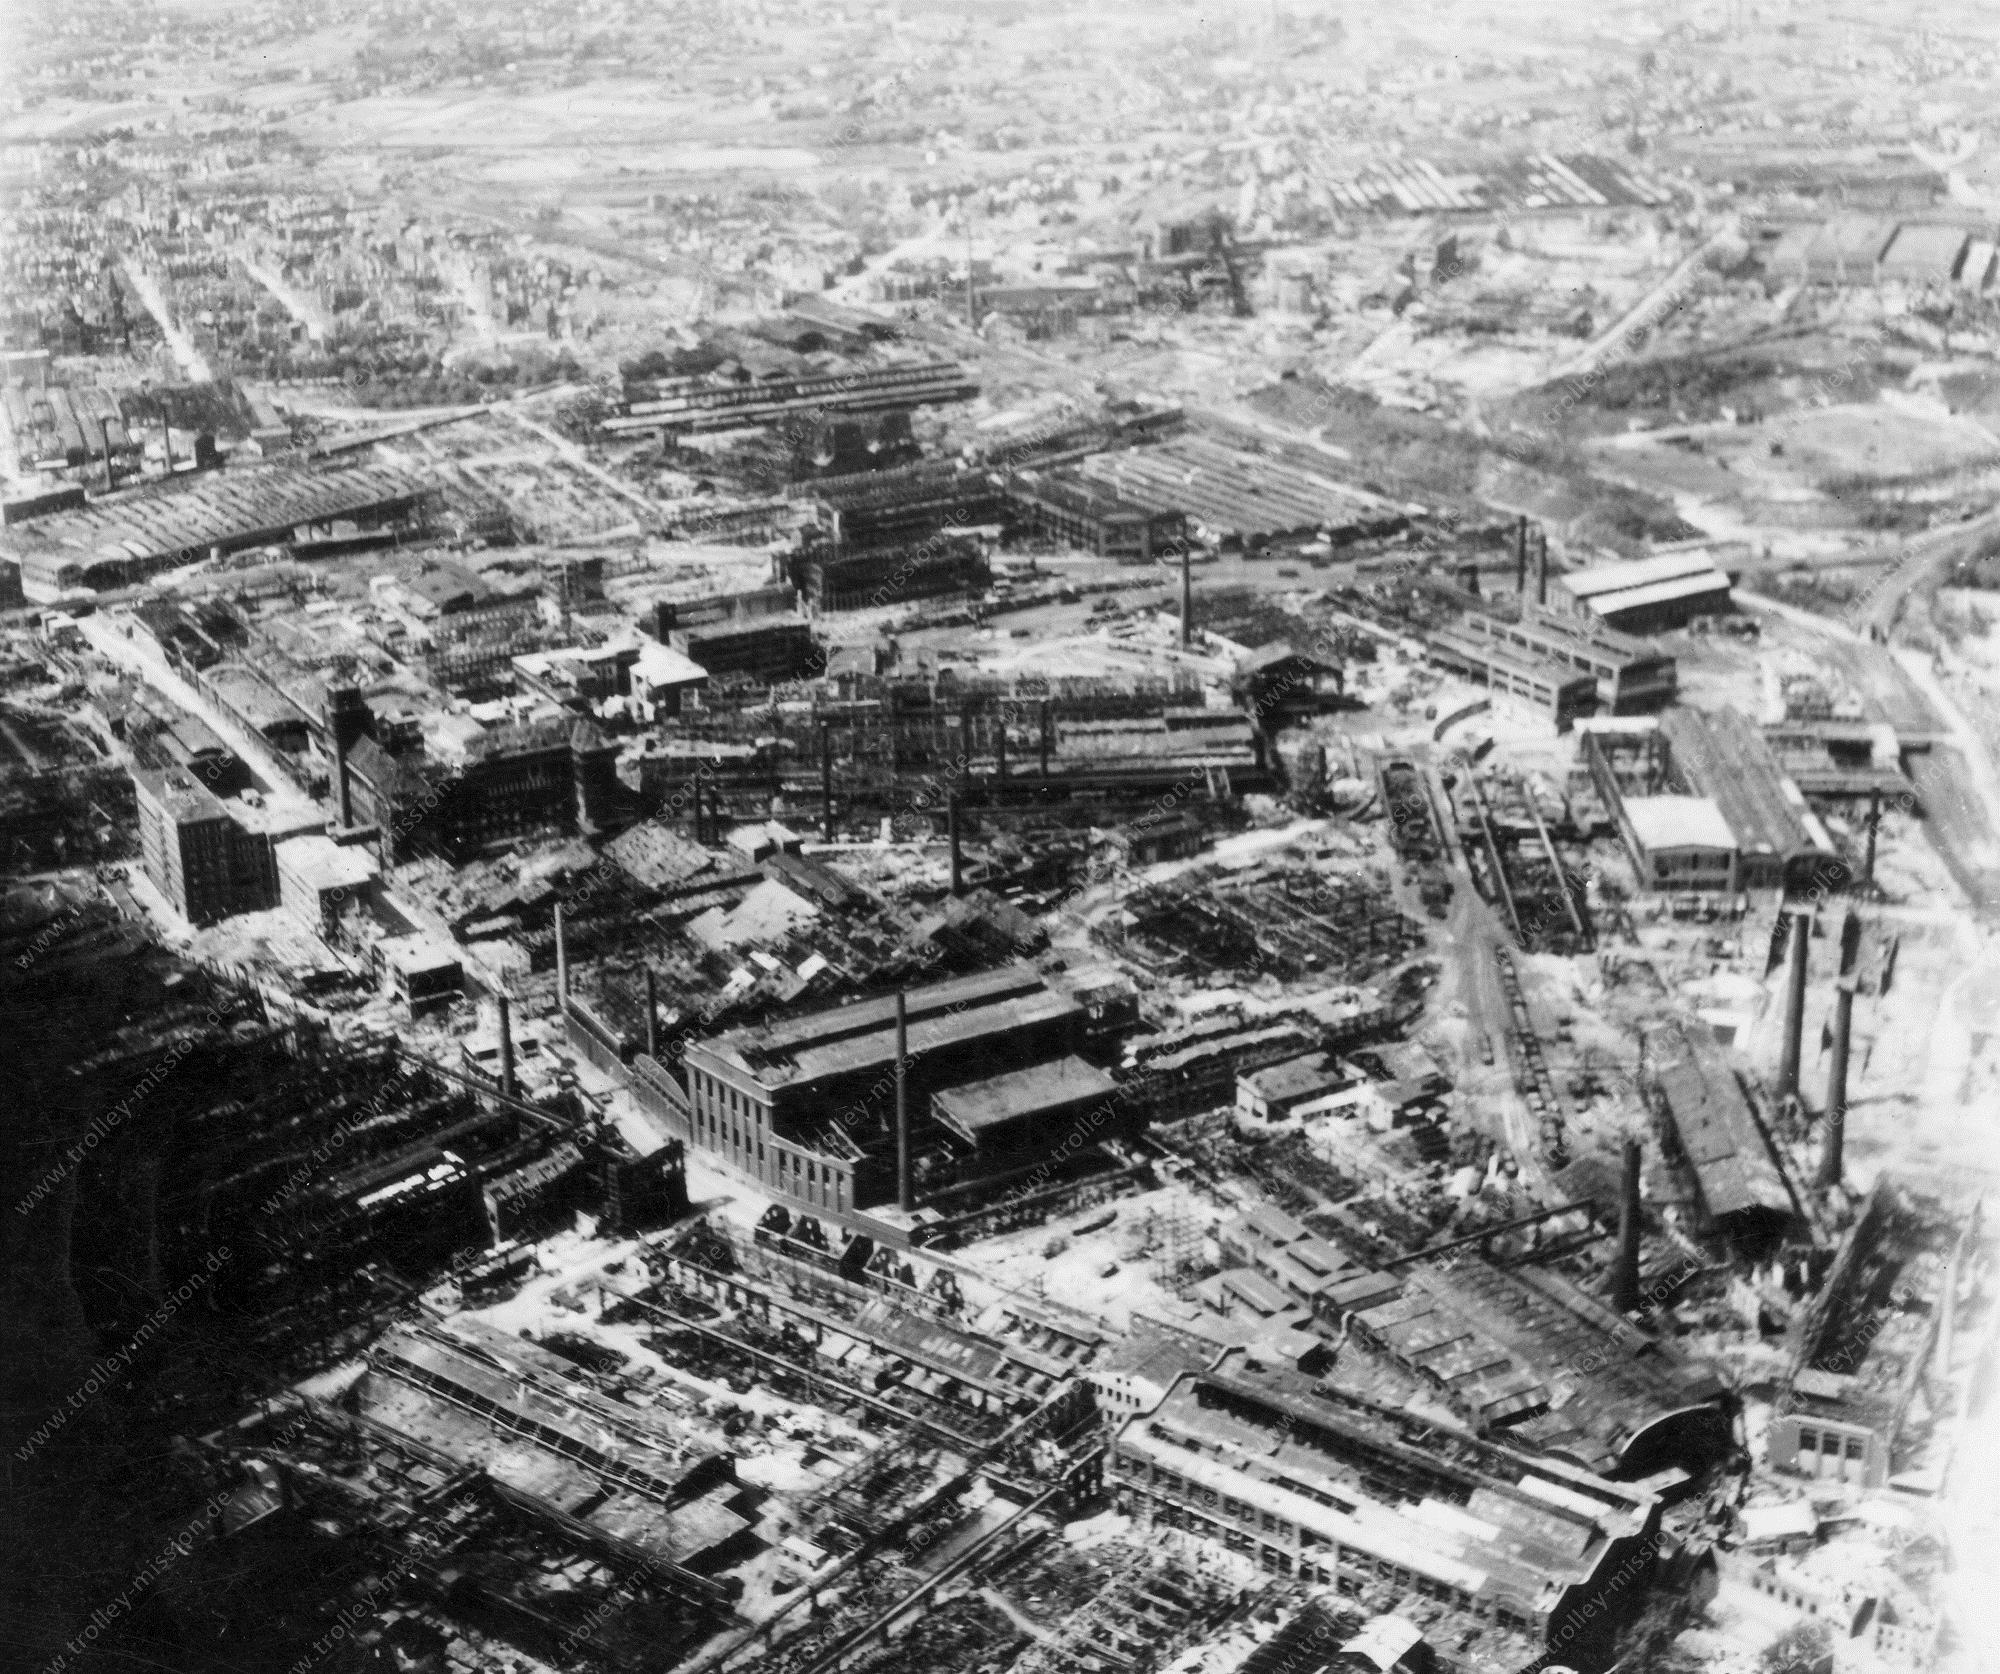 Essen Luftbild der zerbombten Fabrik- und Werkshallen von Krupp